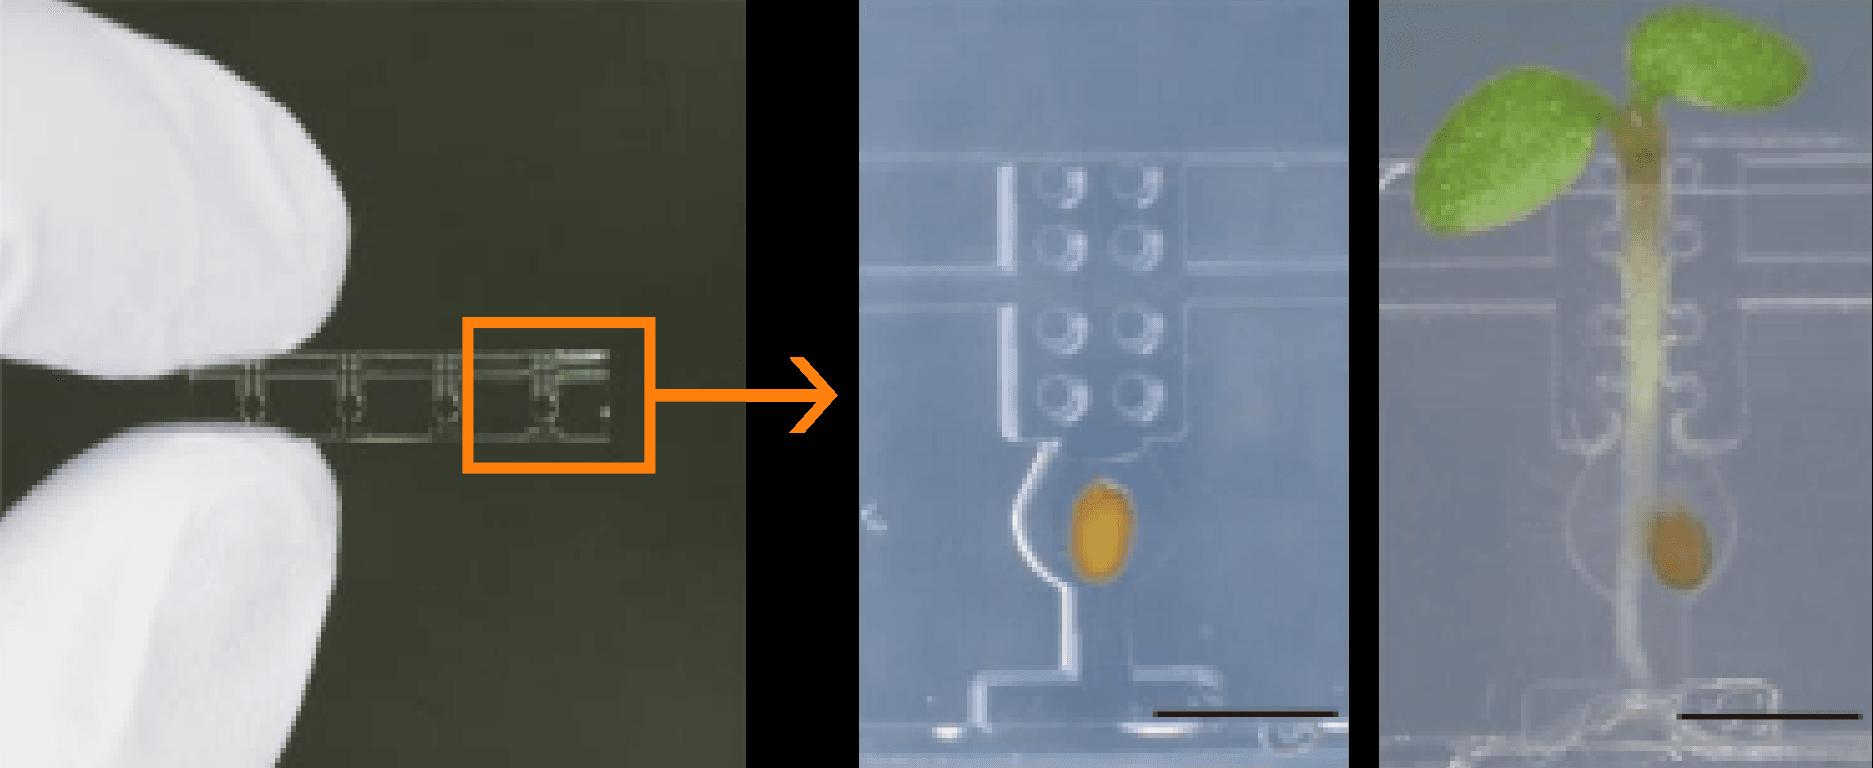 微細加工技術(MEMS)を駆使したバイオ分野の接木チップ